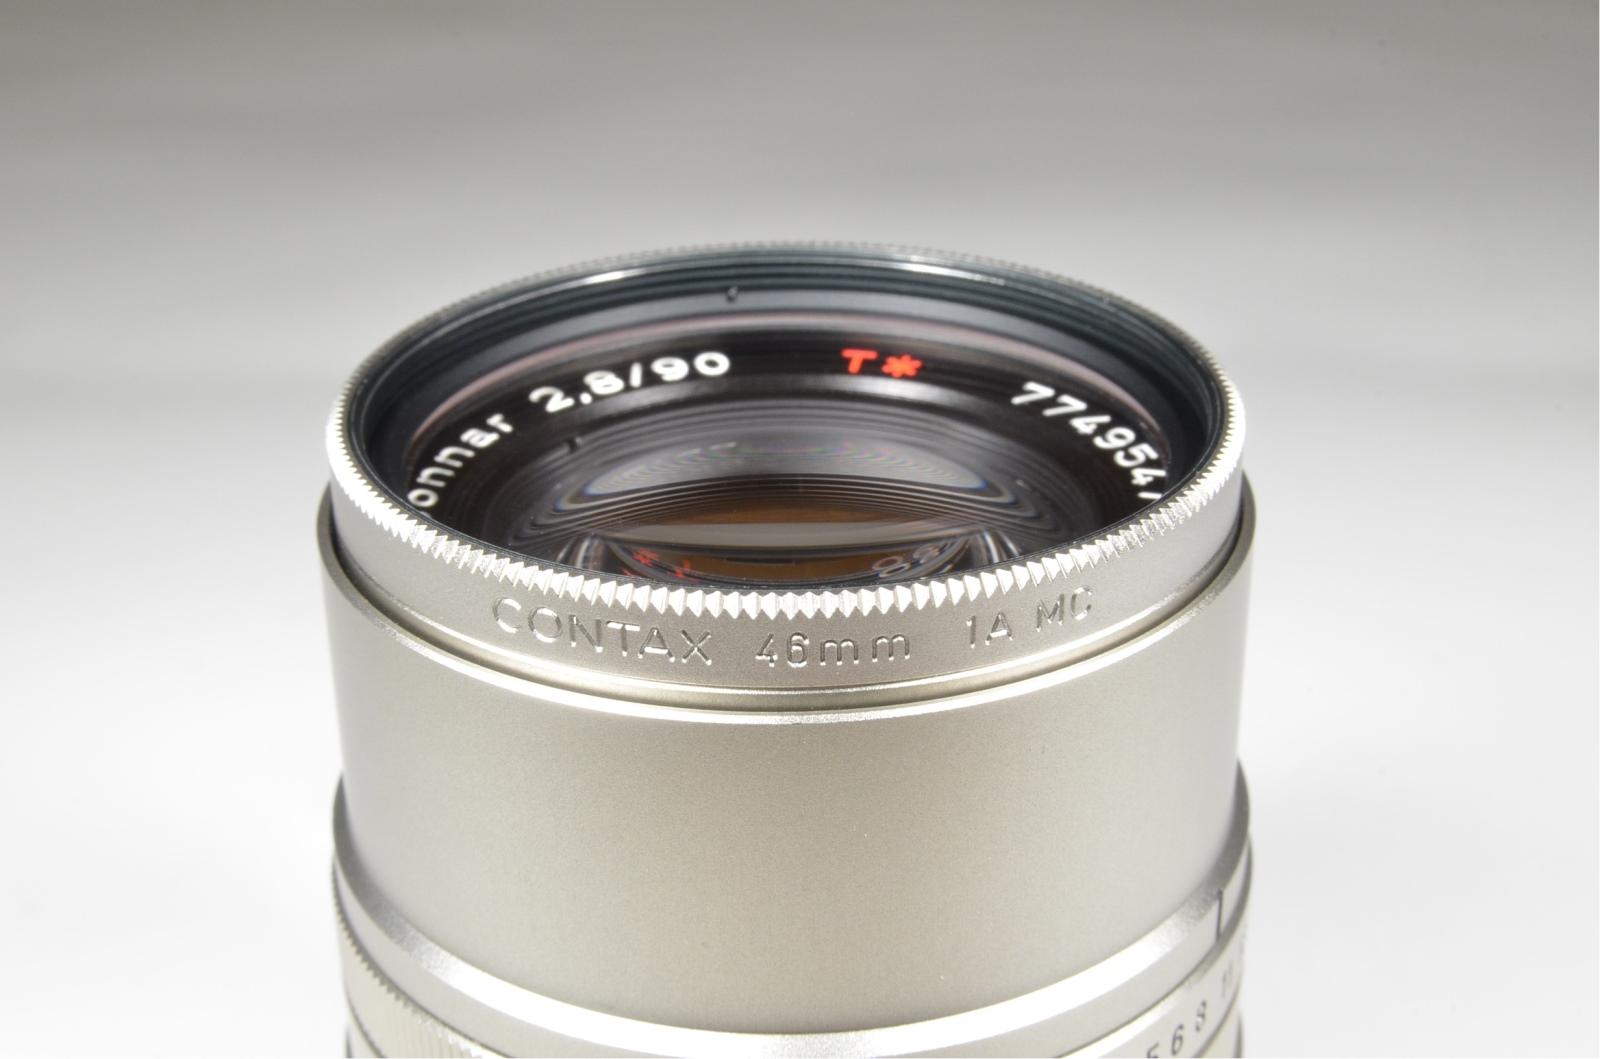 contax g2 data back, full case, planar 45mm f2, biogon 28mm f2.8, sonnar 90mm f2.8